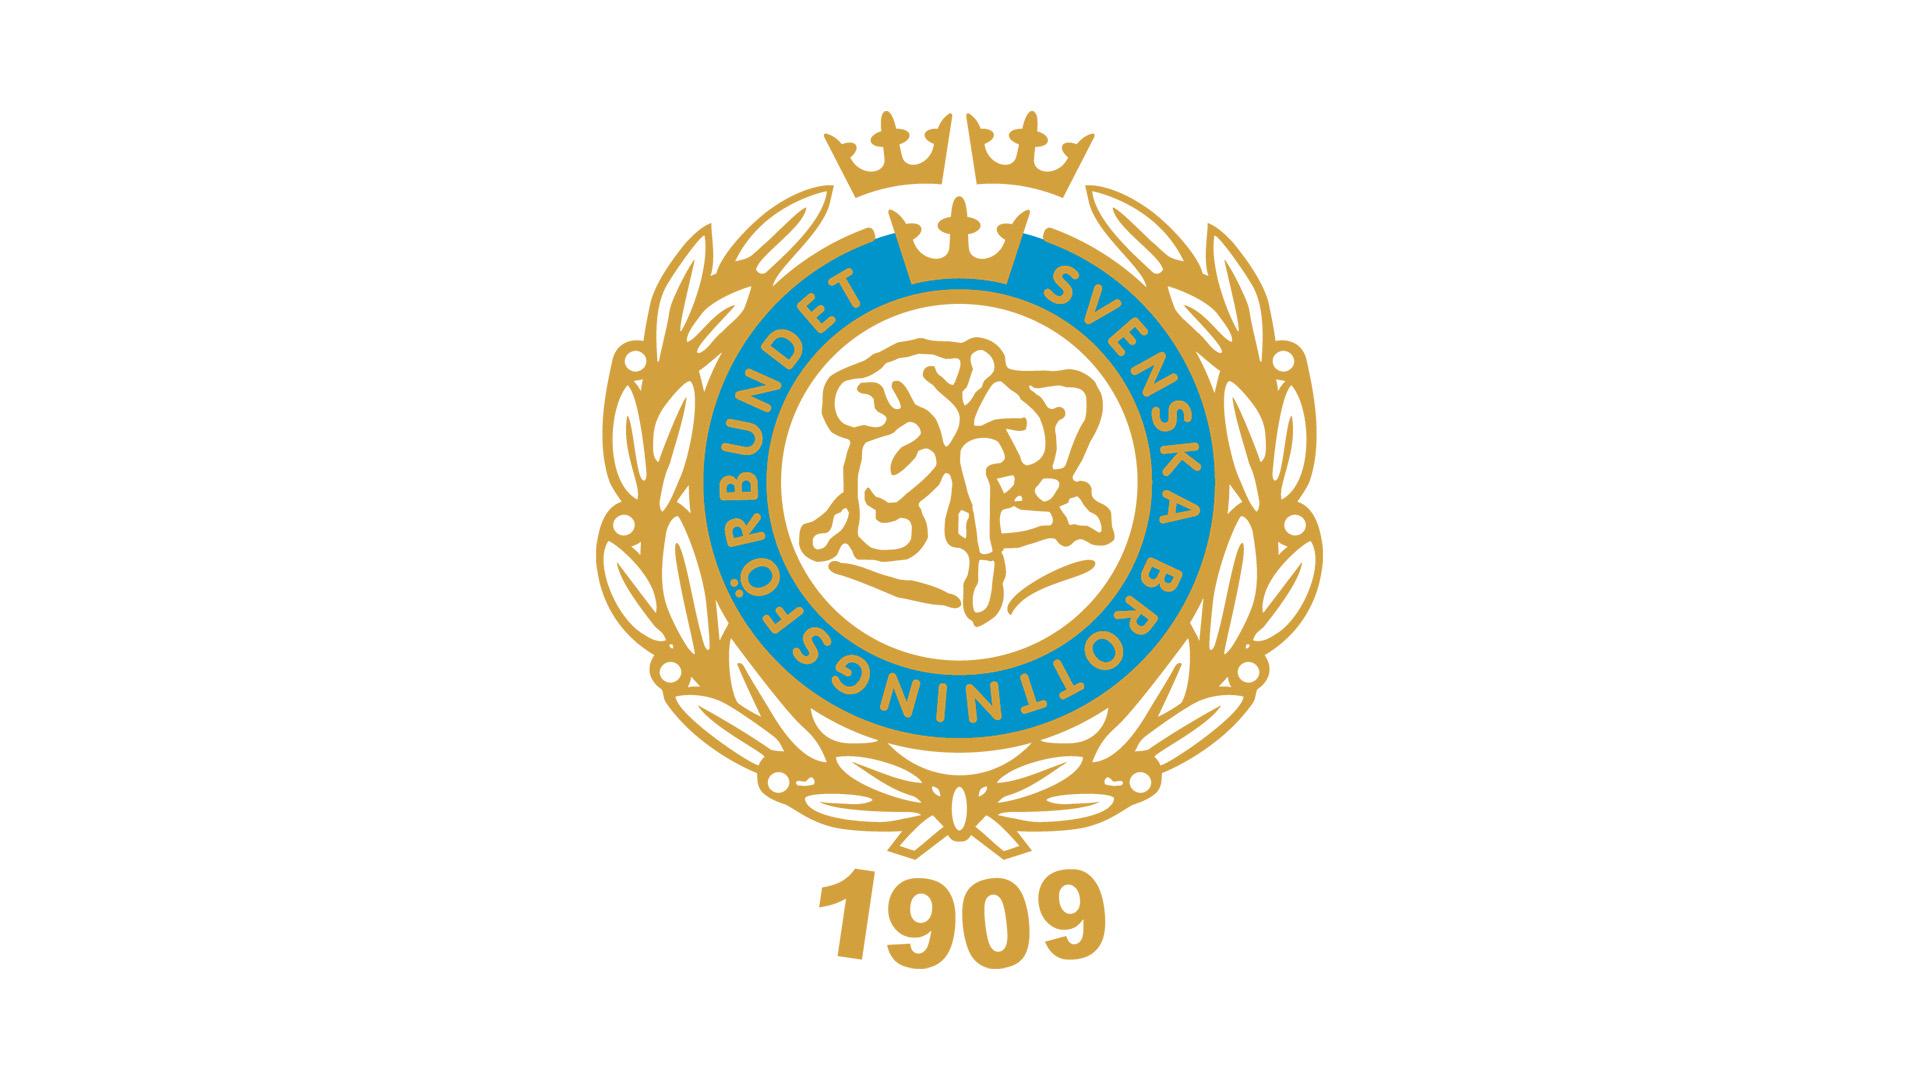 Svenska brottningsförbundets logotyp.